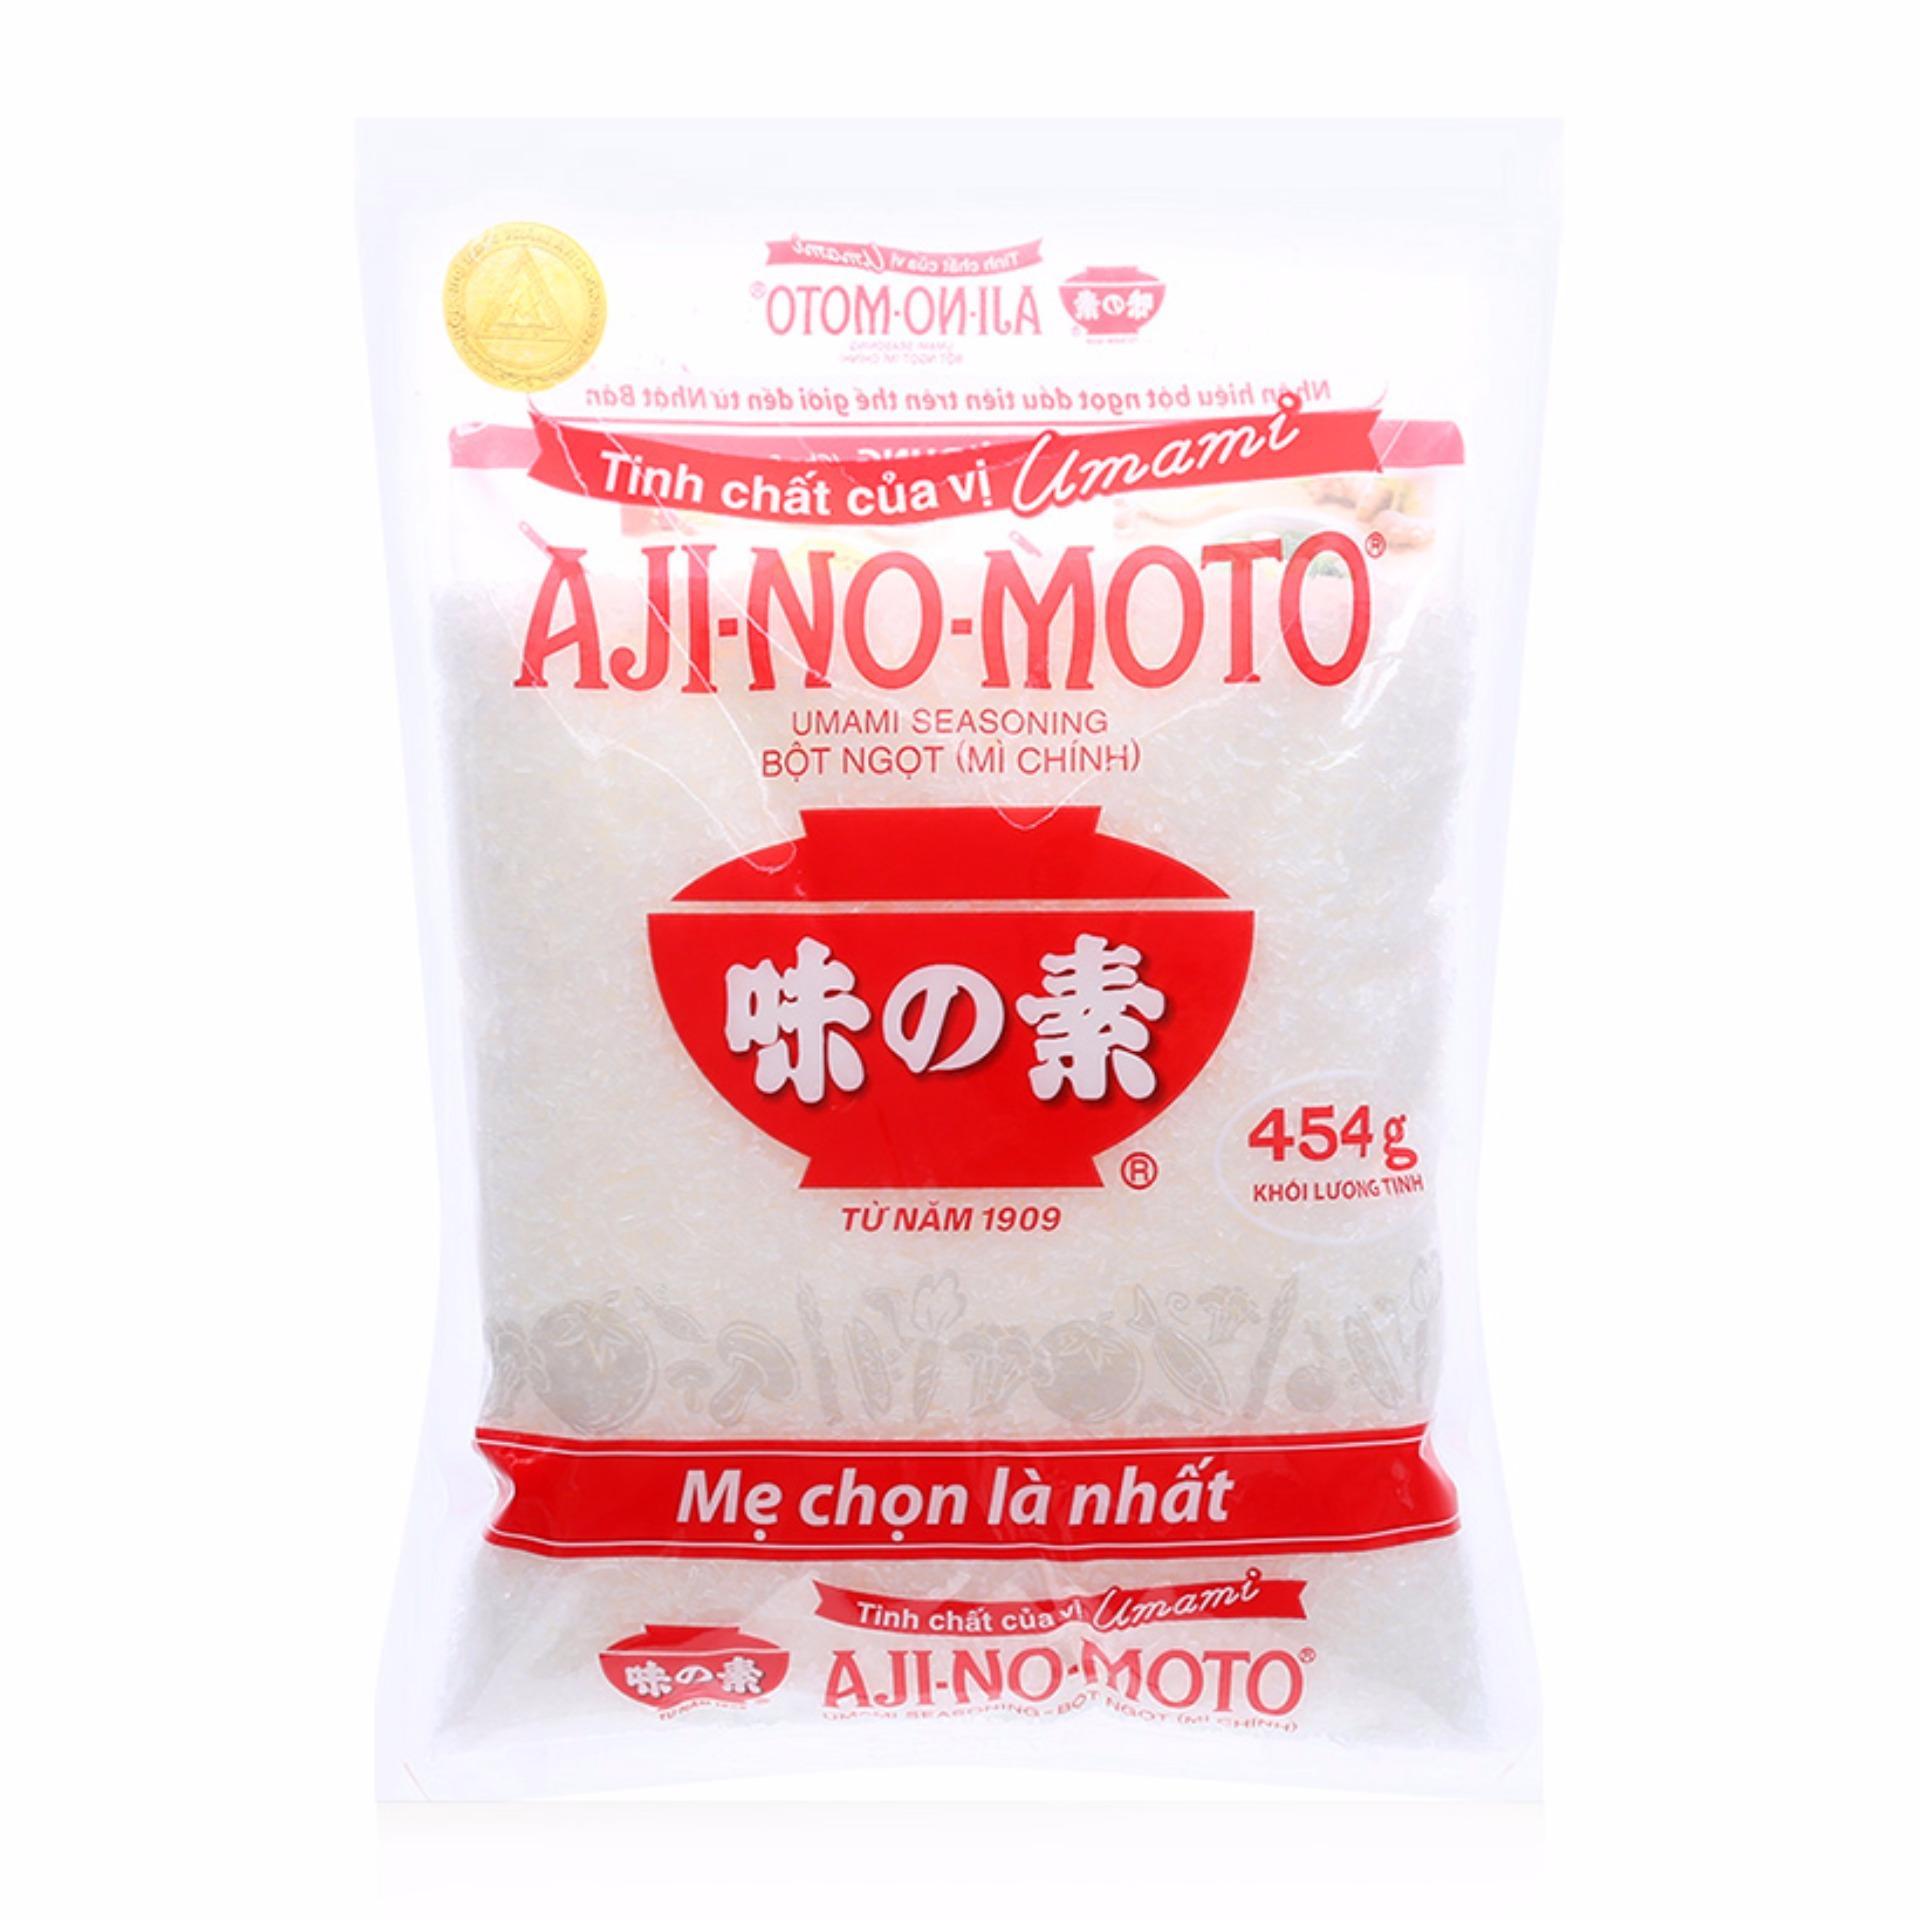 Bột ngọt Ajinomoto 454g L